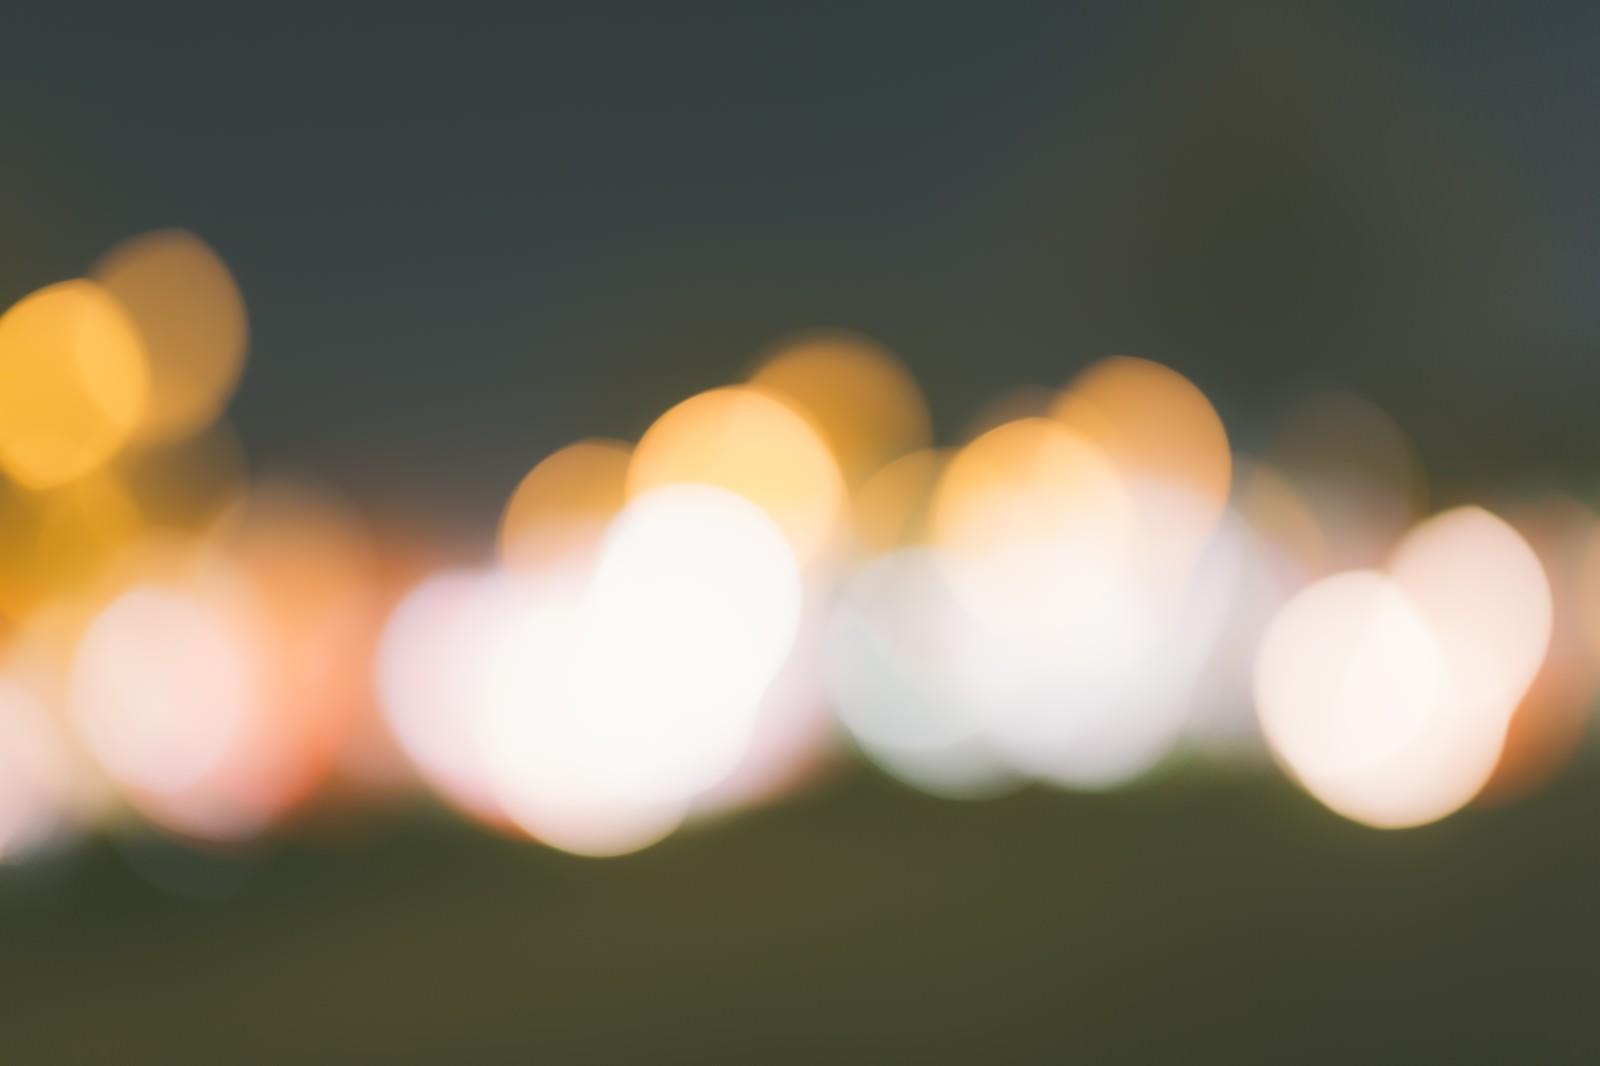 「玉ボケのイルミネーション玉ボケのイルミネーション」のフリー写真素材を拡大